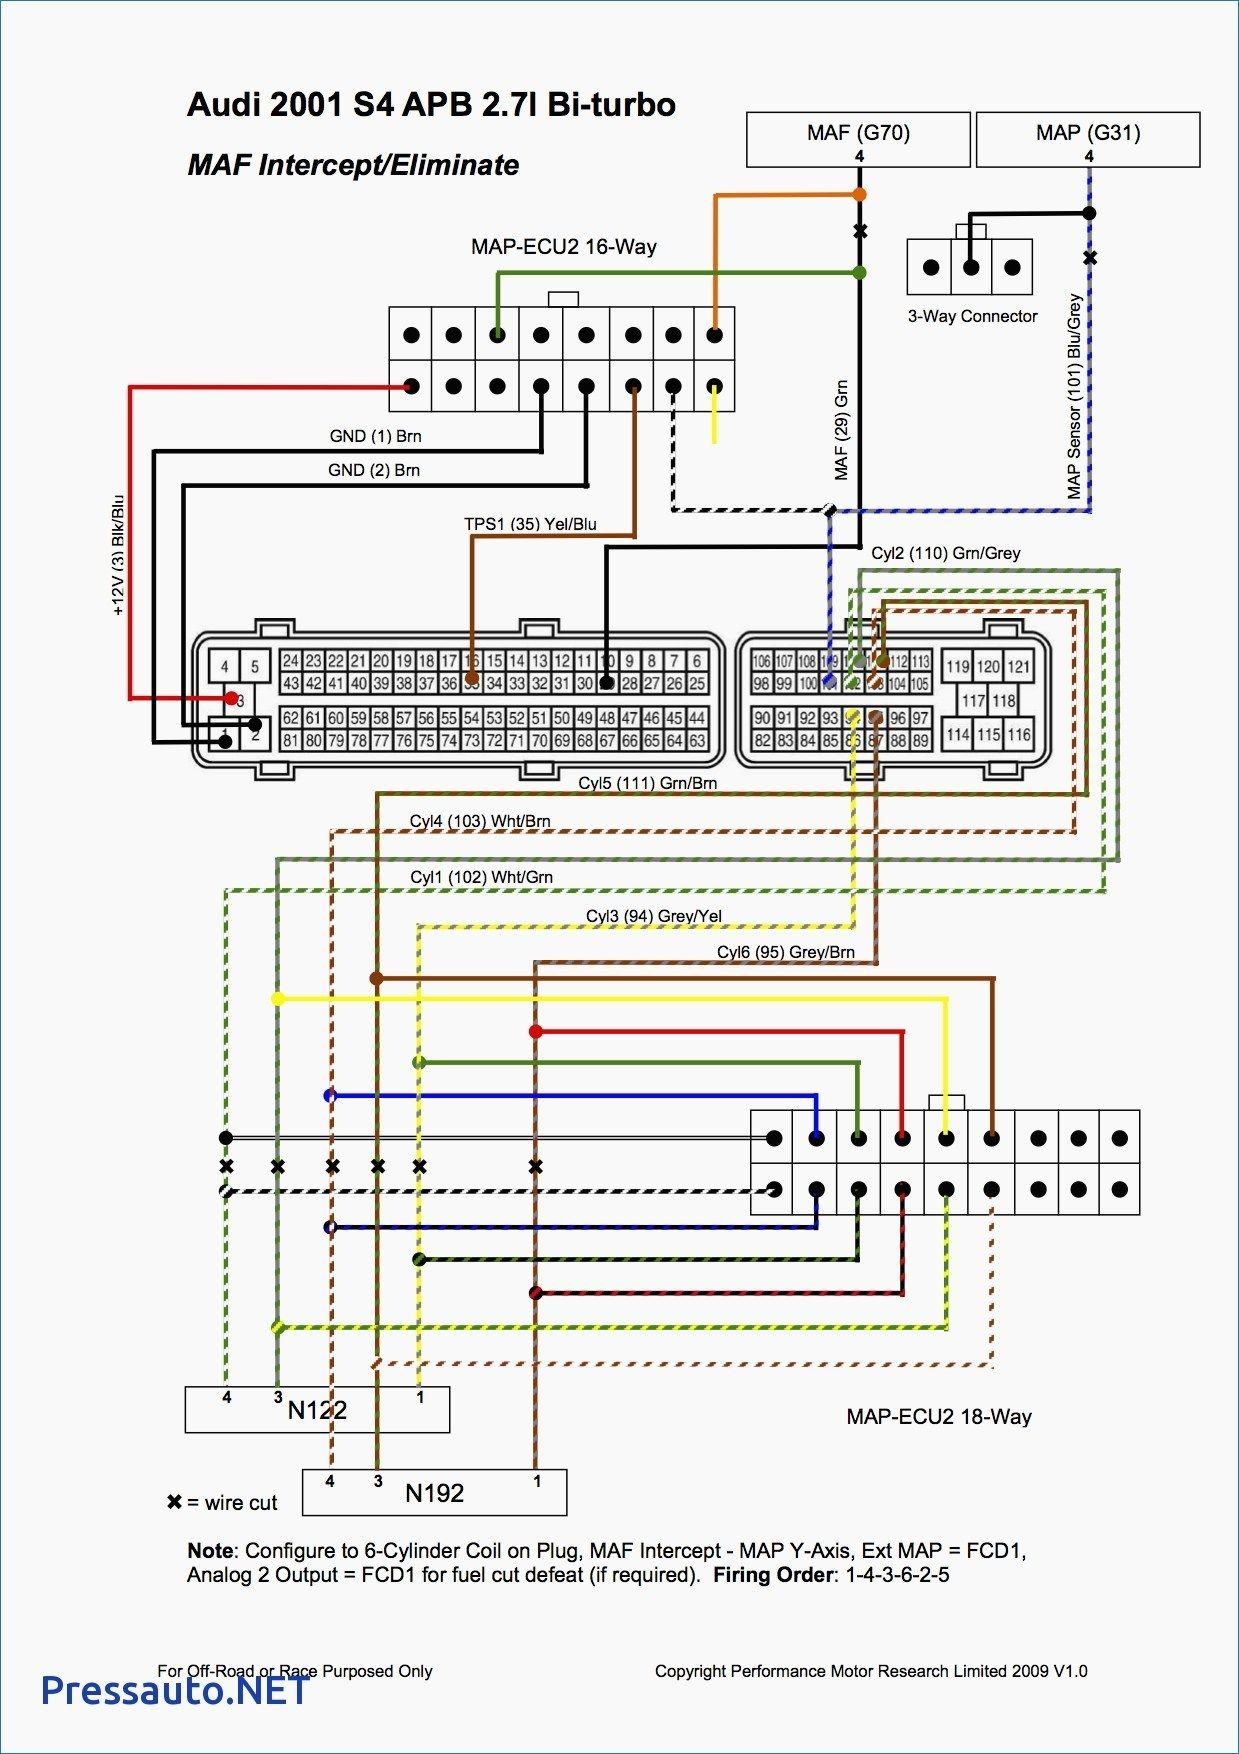 Honda Civik Ek Engine Wiring Diagram 1996 Honda Civic Drivers Door Wiring Harness Diagram Of Honda Civik Ek Engine Wiring Diagram